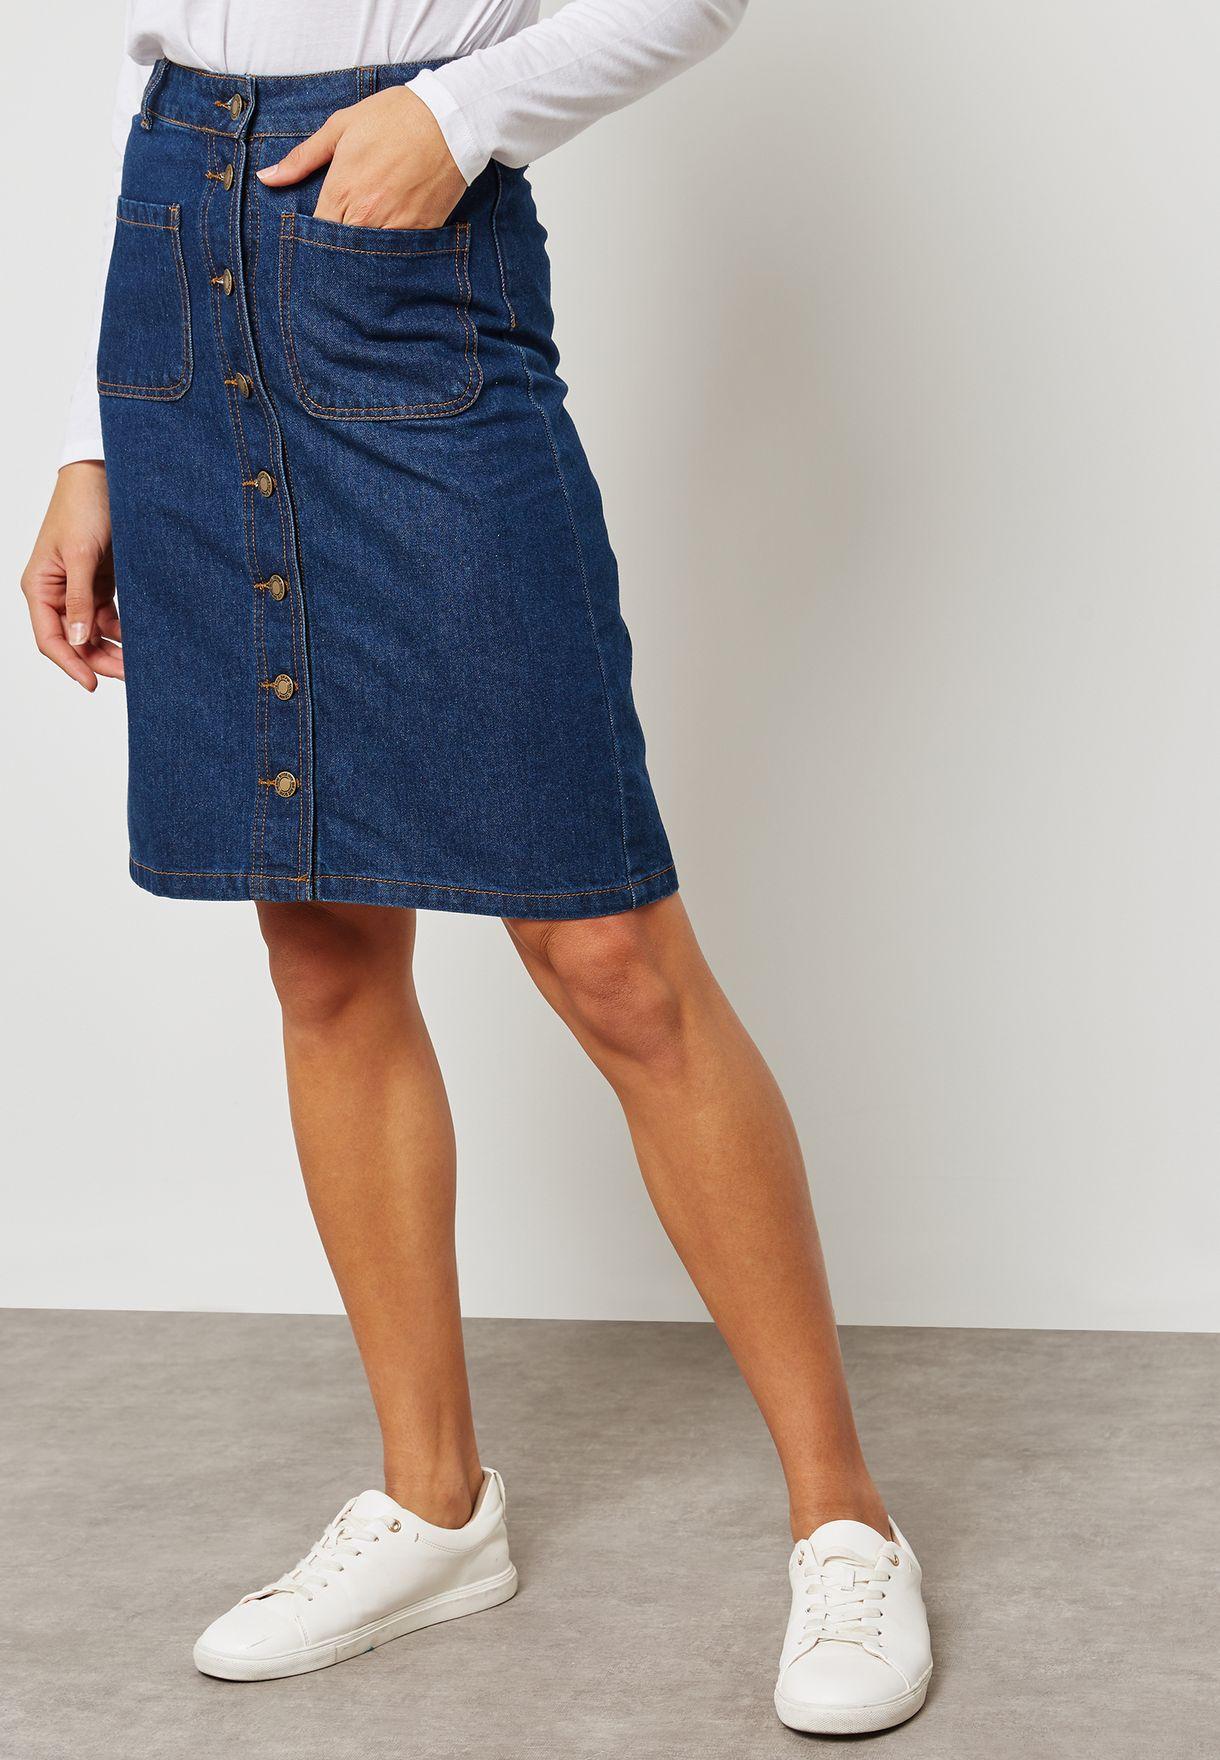 1721024e2c55 Shop Ginger blue Button Front Denim Skirt LSKD-340TANGOR2 for Women ...